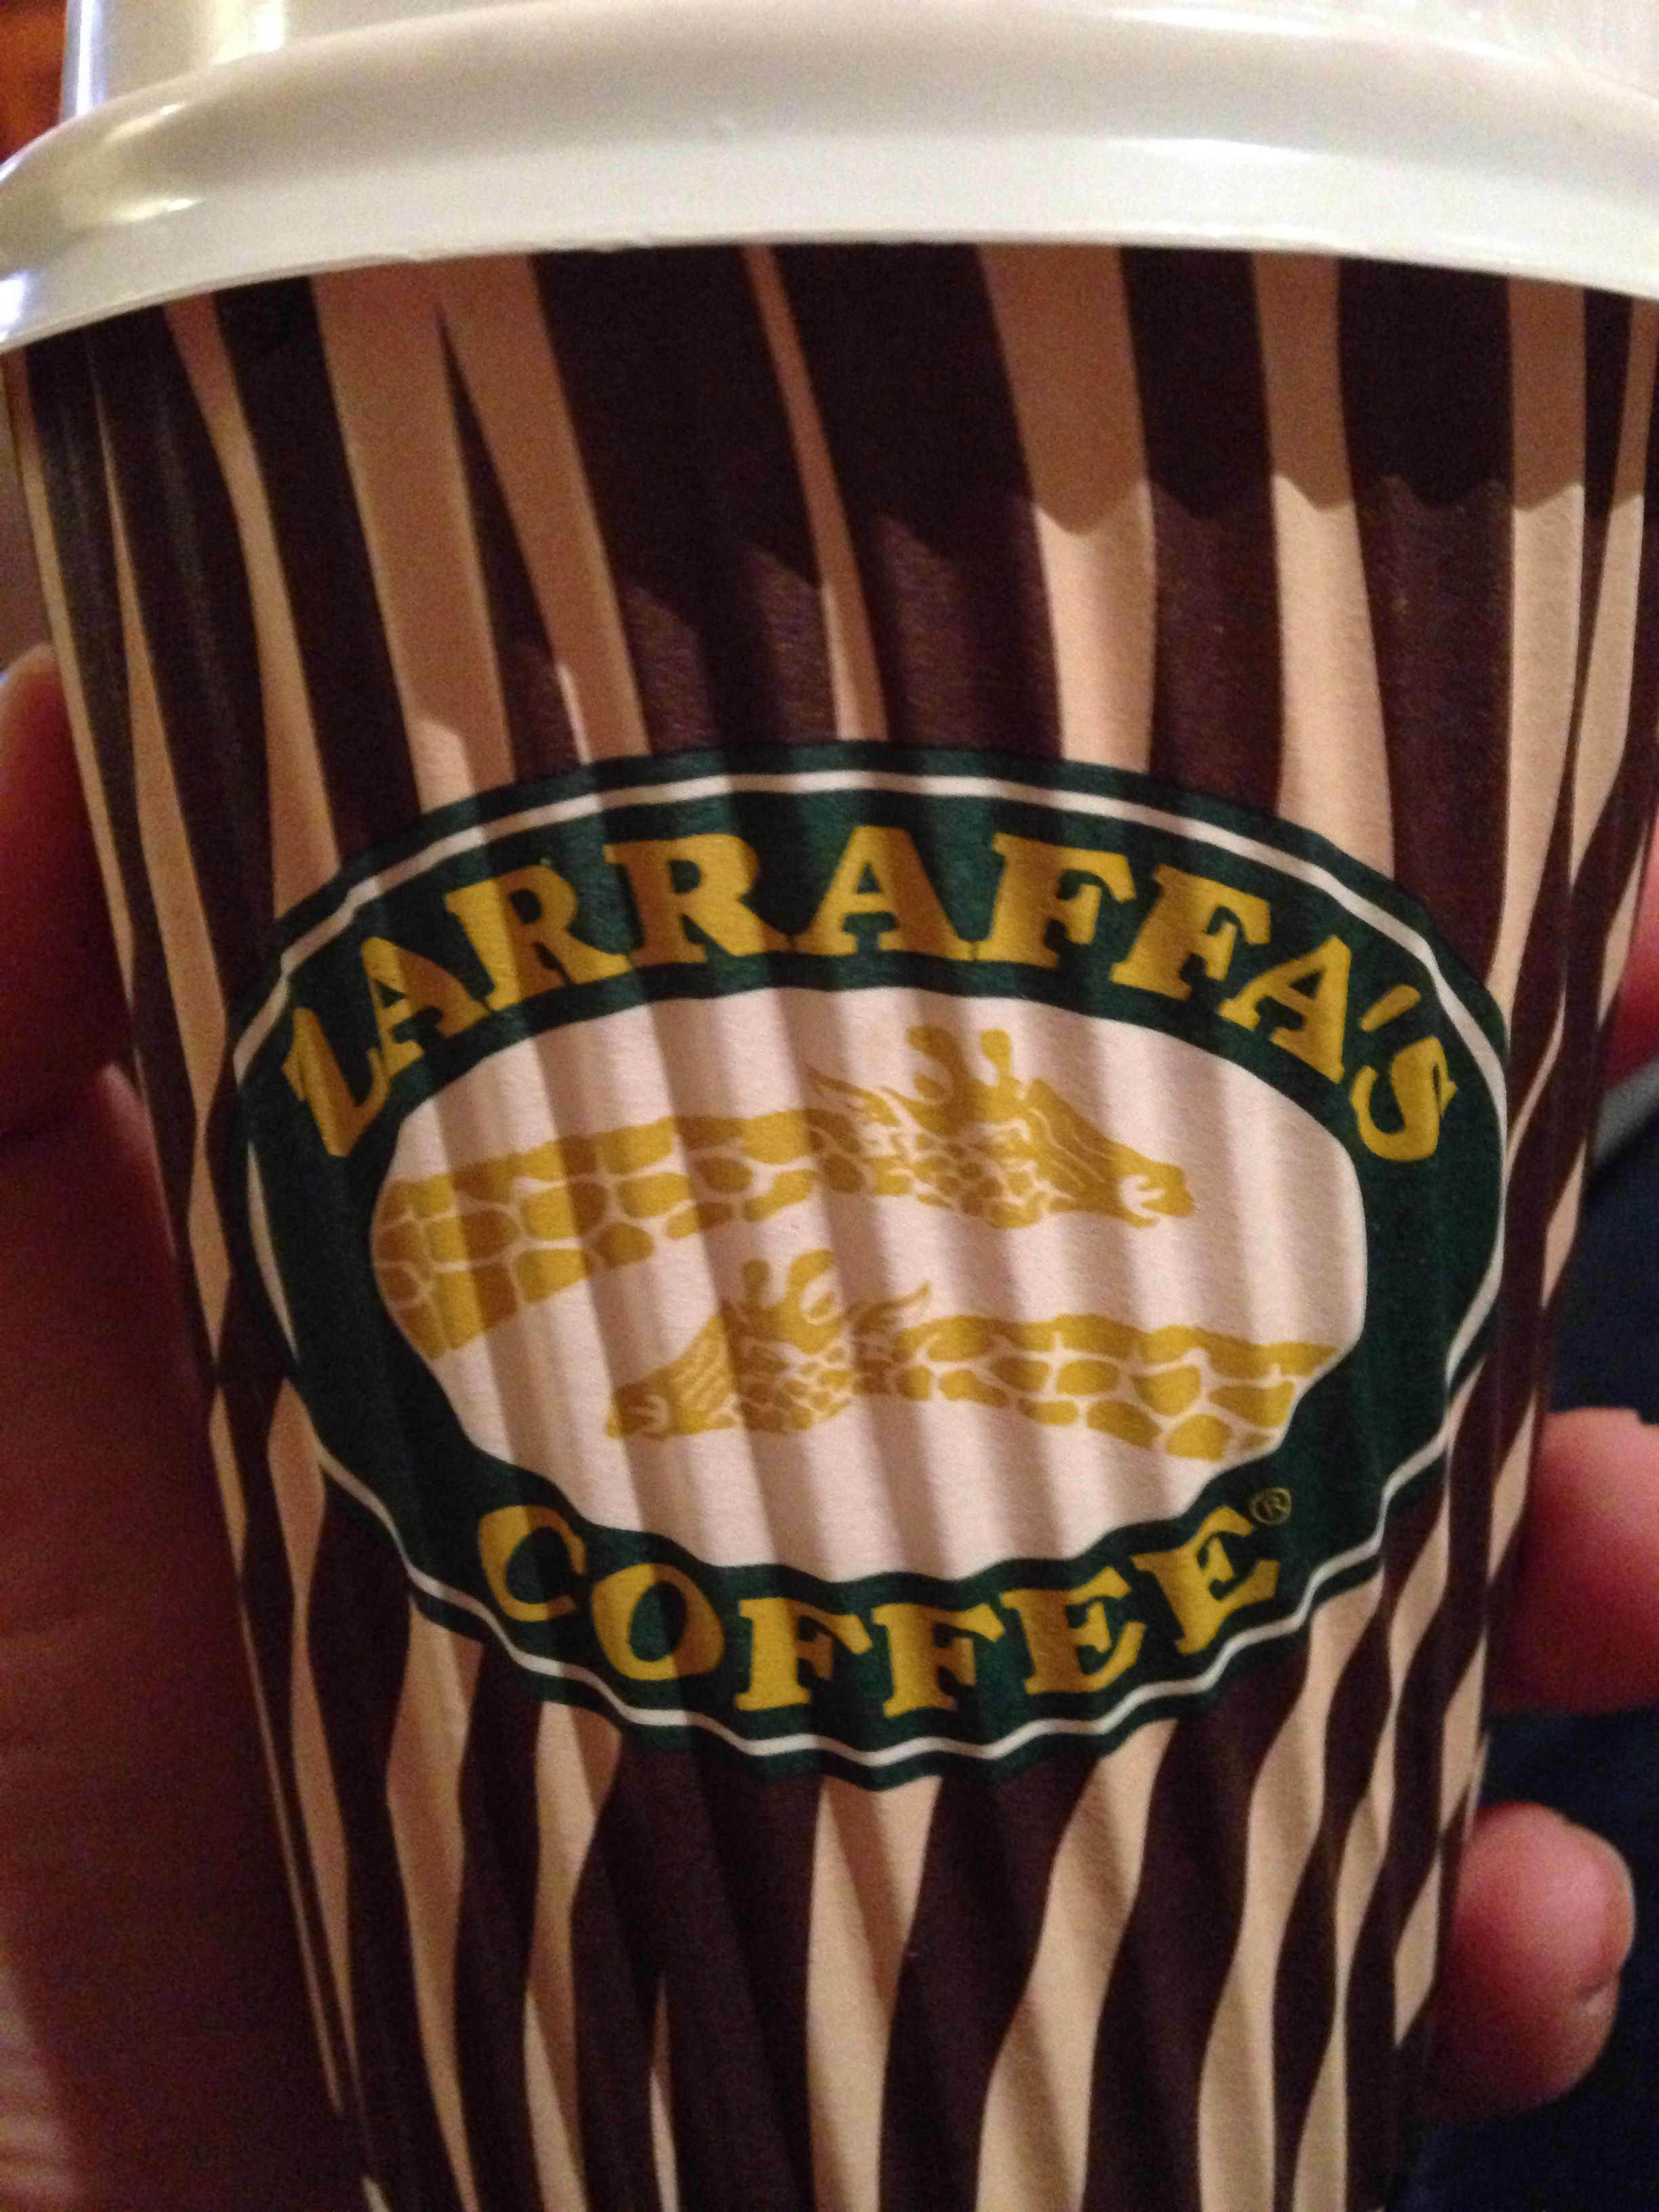 A Zarraffas Chai Latte Chai Latte Coffee Tea Chai